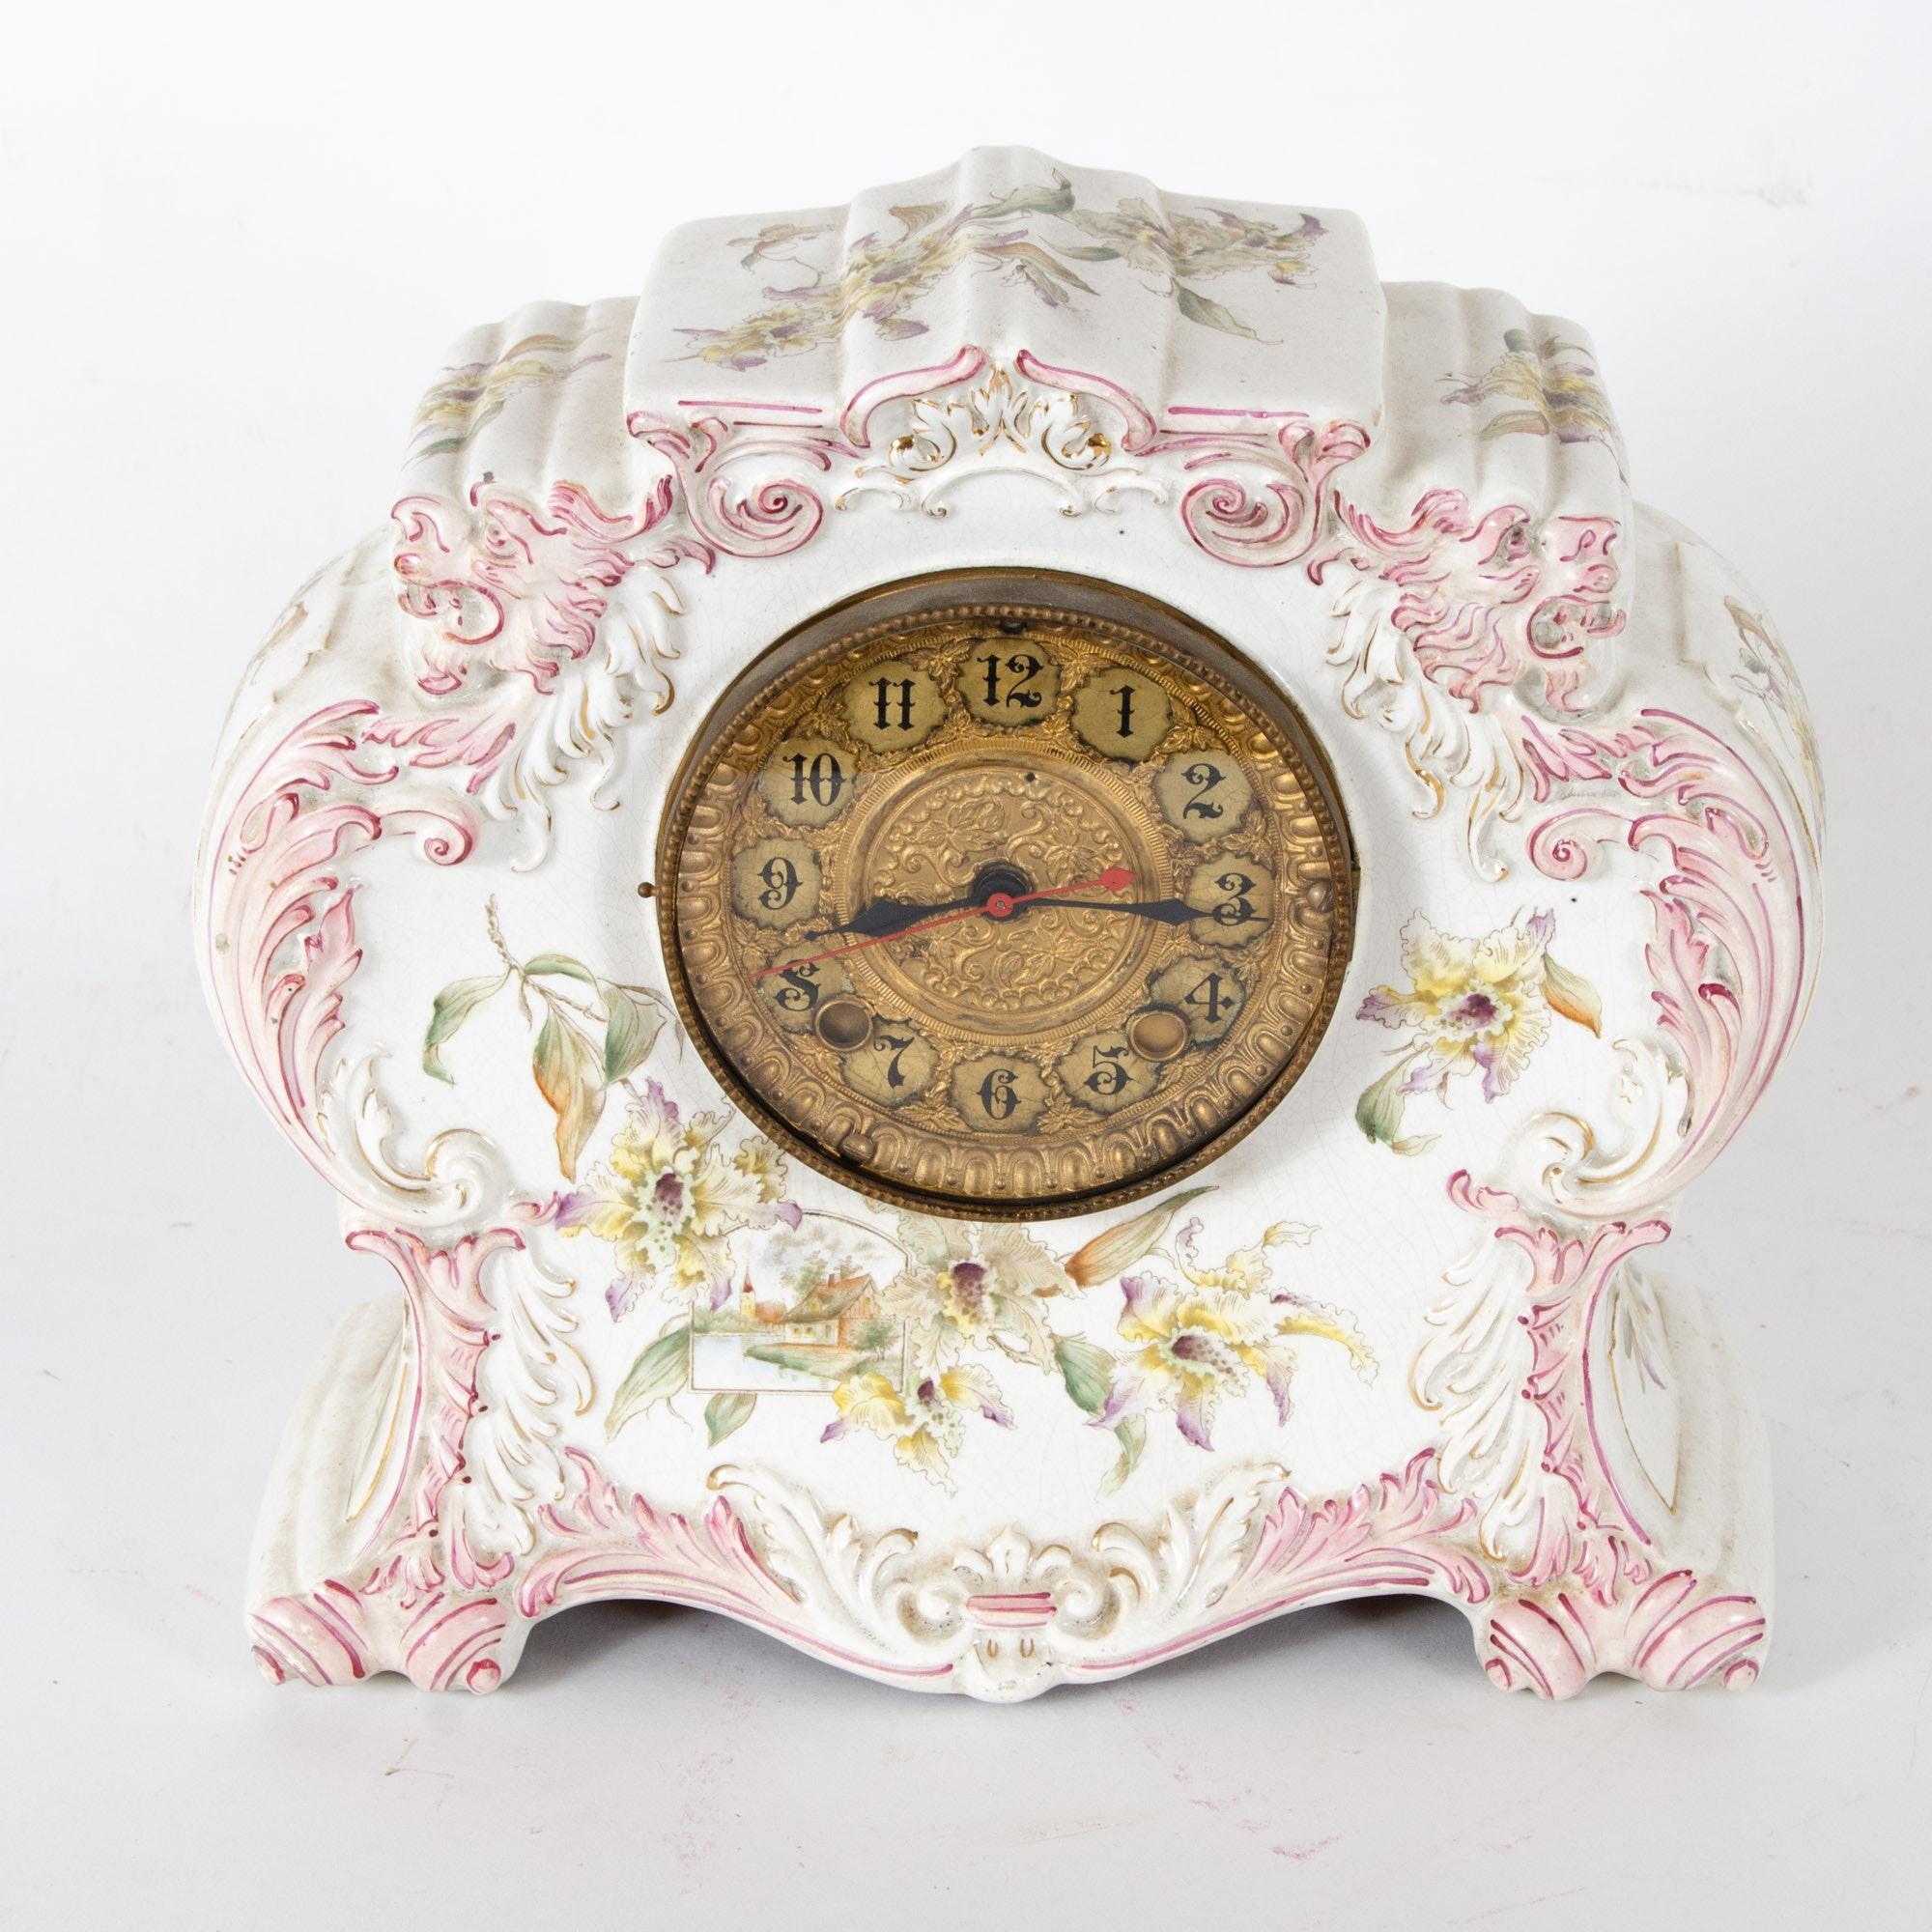 Vintage Electric Porcelain Mantel Clock